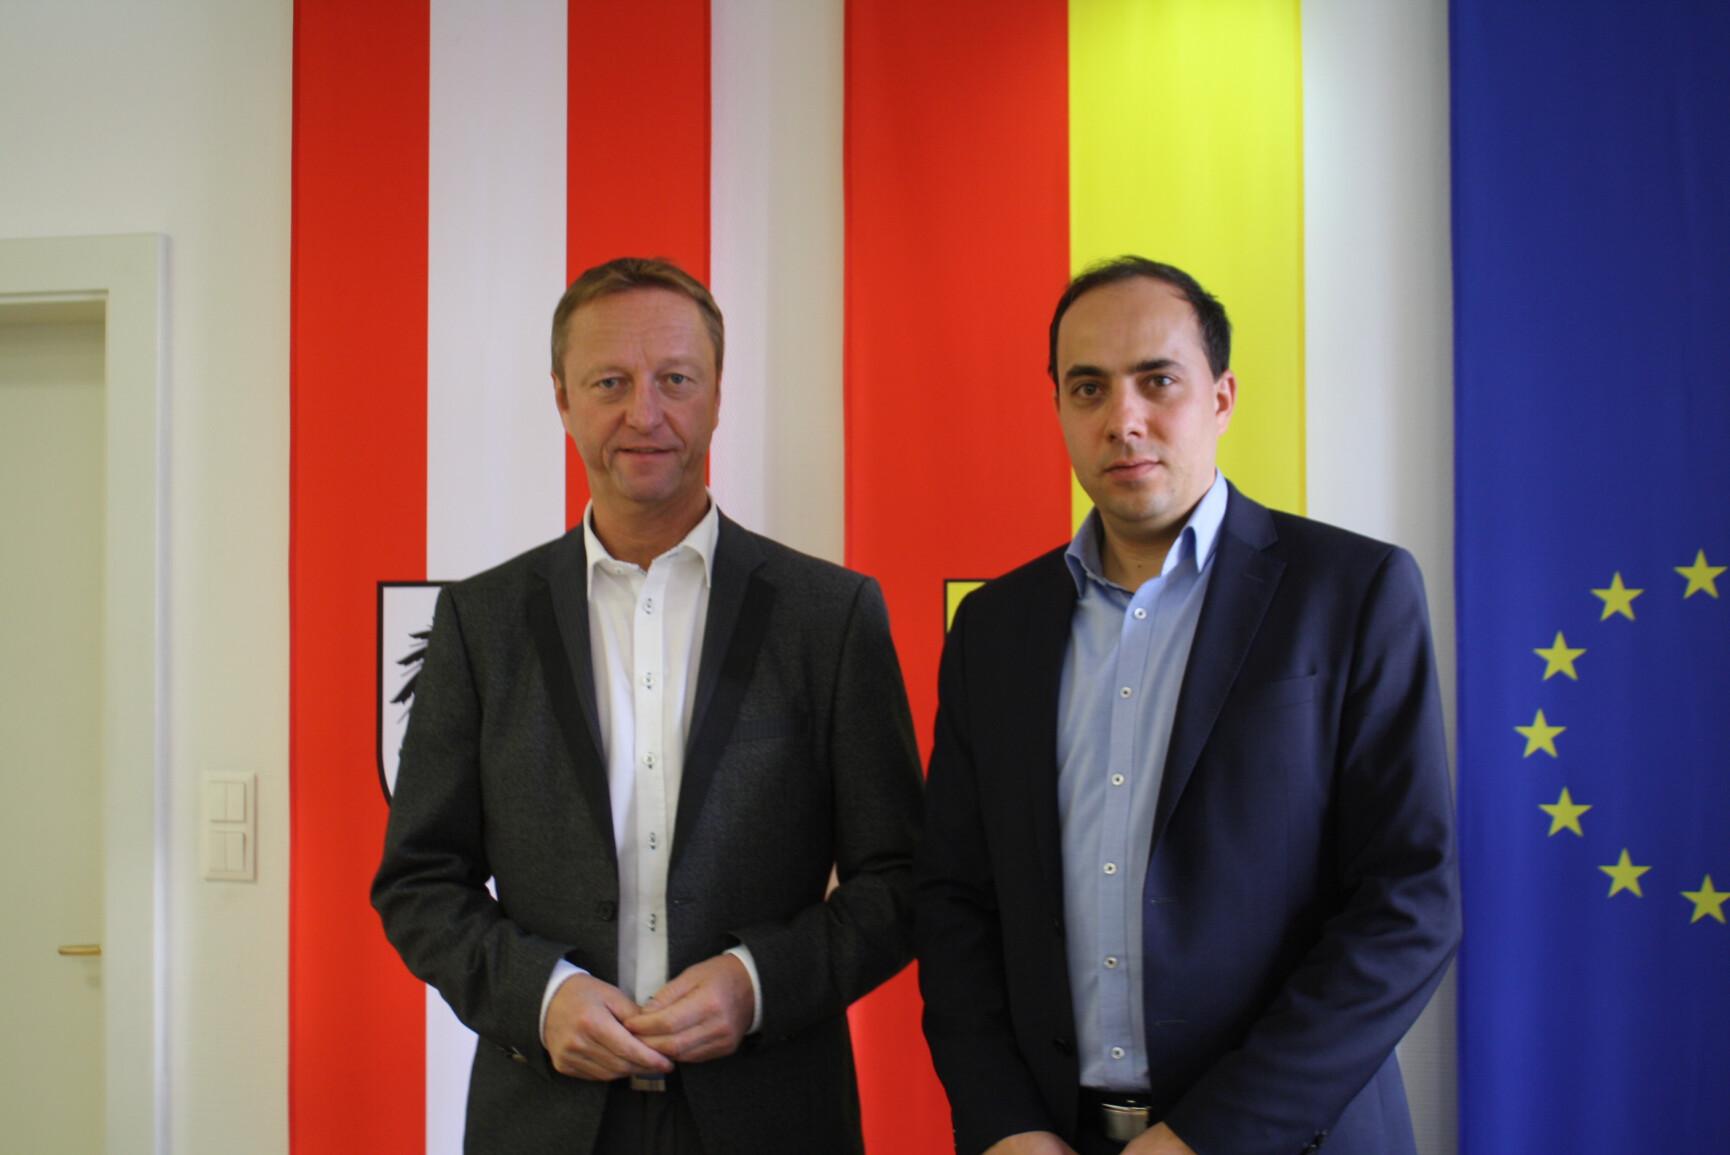 FPÖ Burgenland – Mattersburger Bezirkspartei-Obmann ficht Ausschluss an